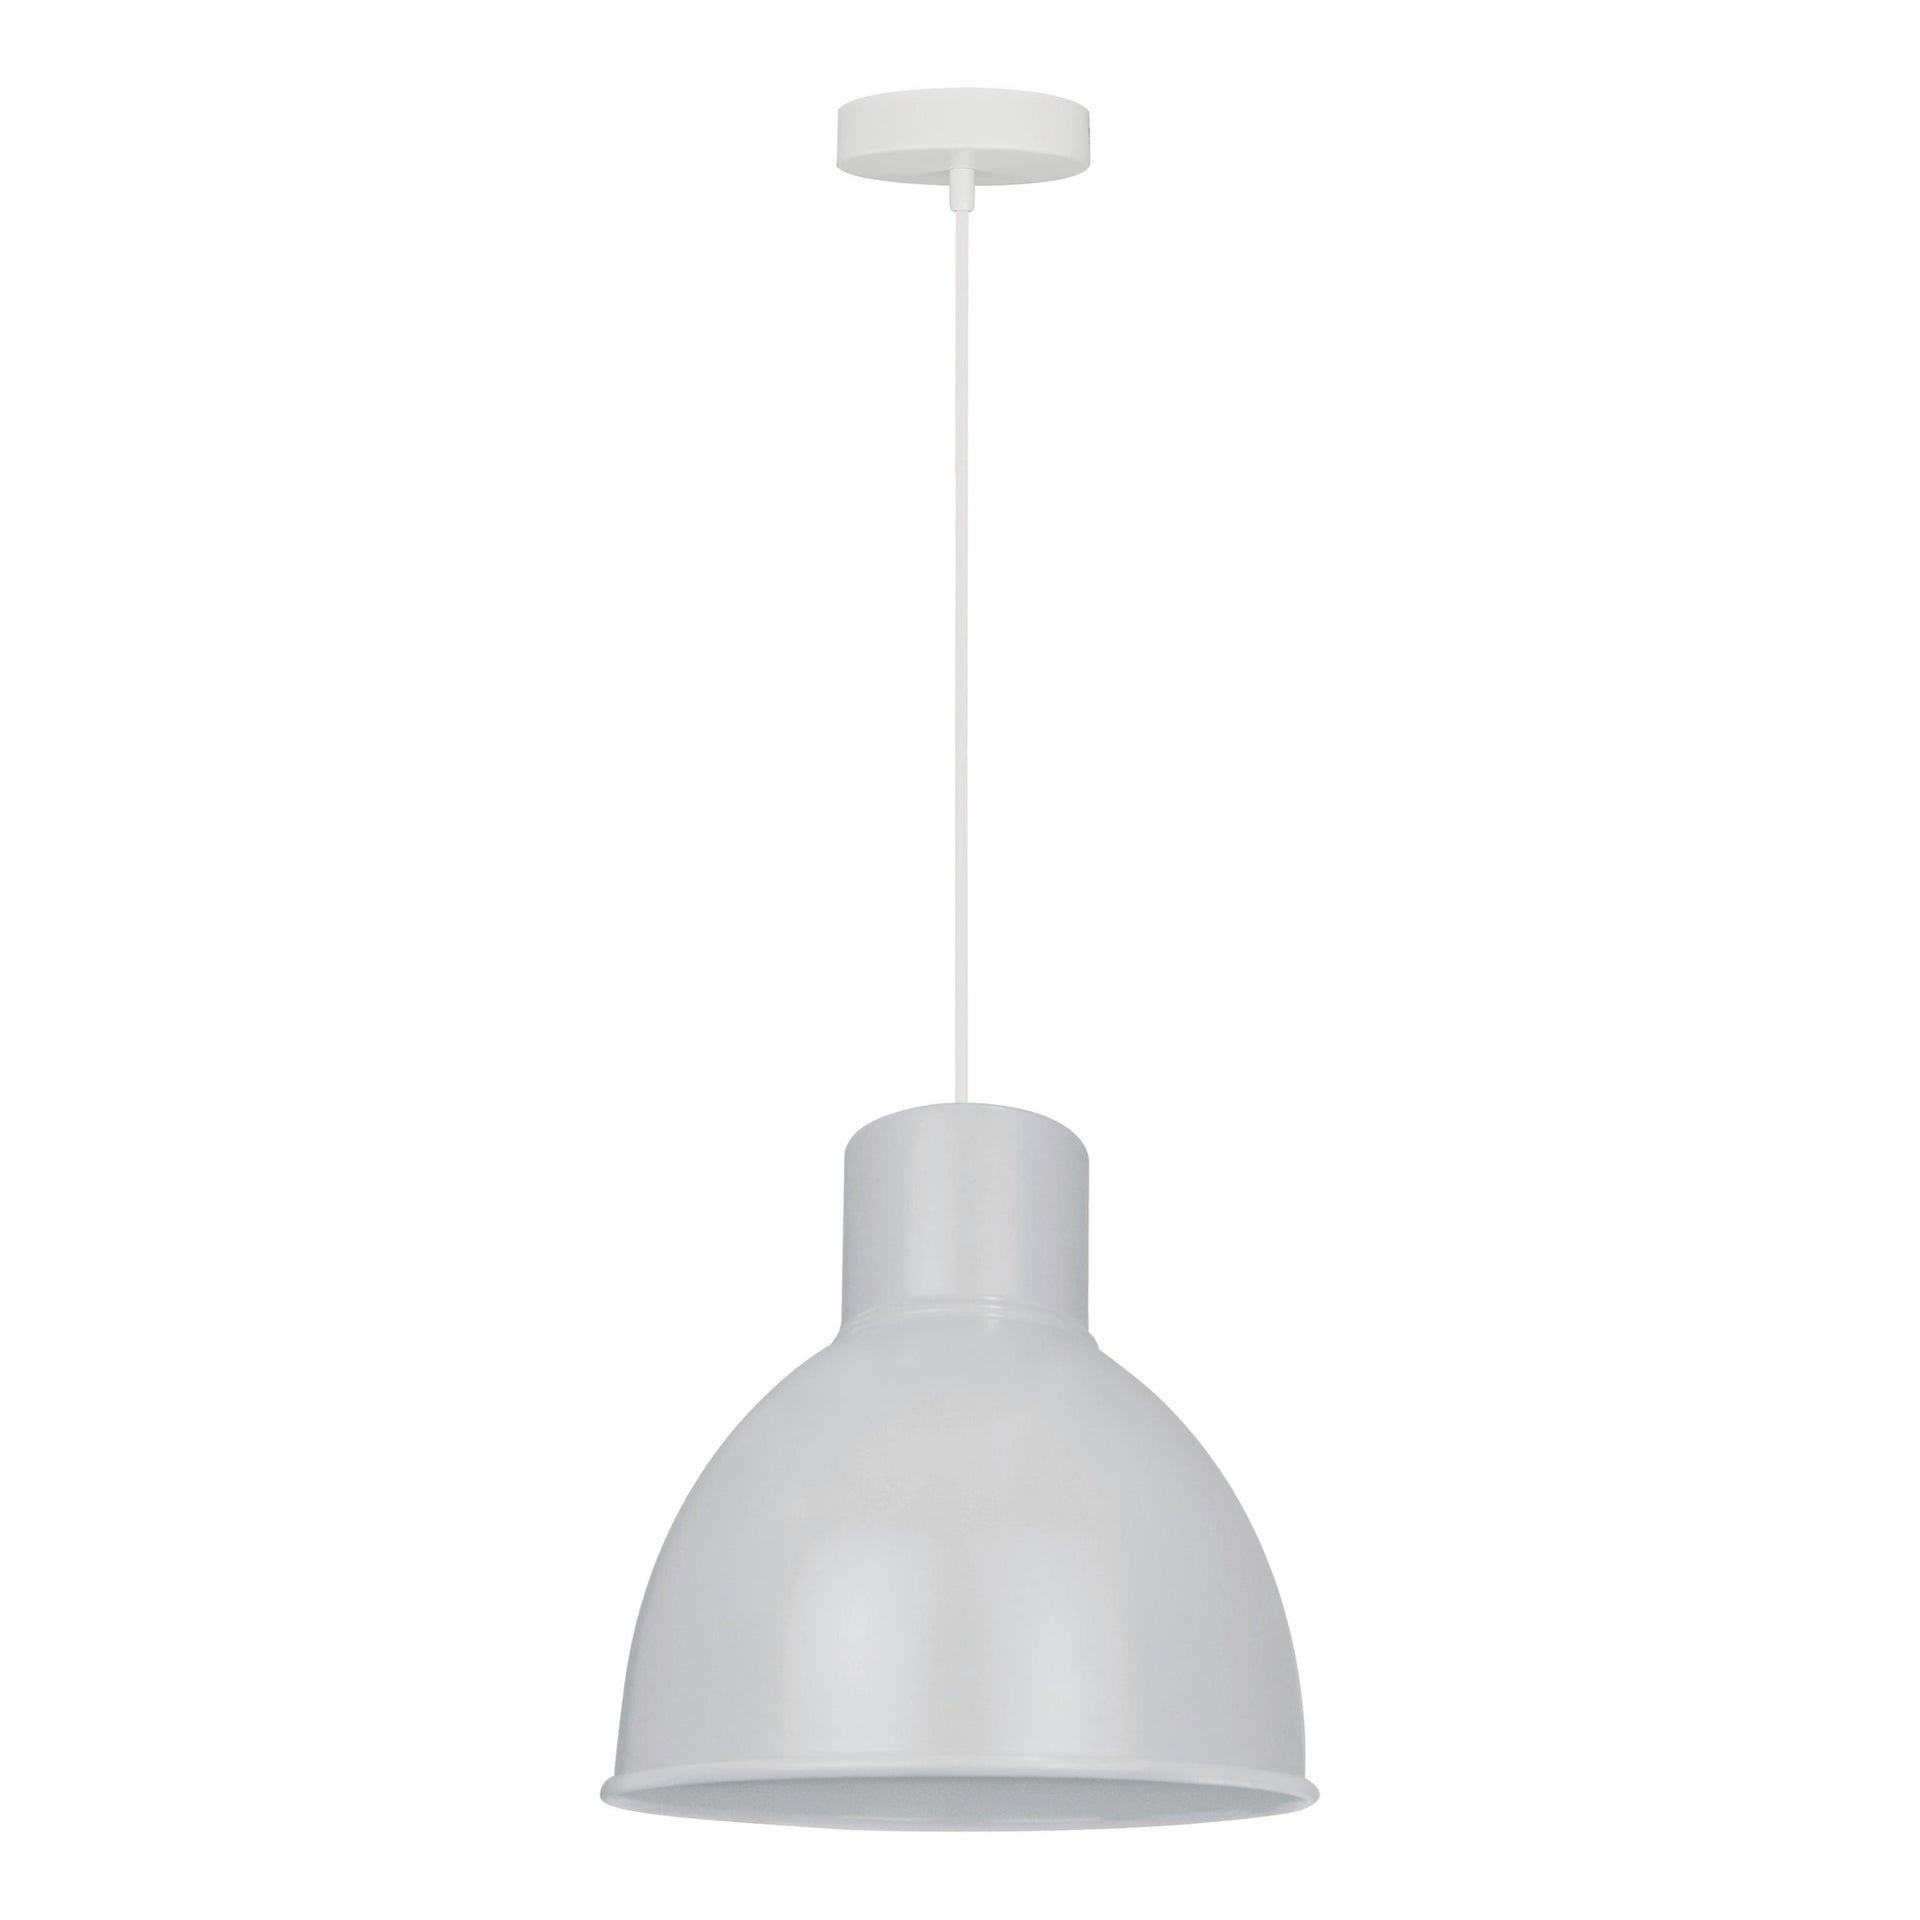 Lampadario Scandinavo Melga bianco in metallo, D. 20 cm, INSPIRE - 7